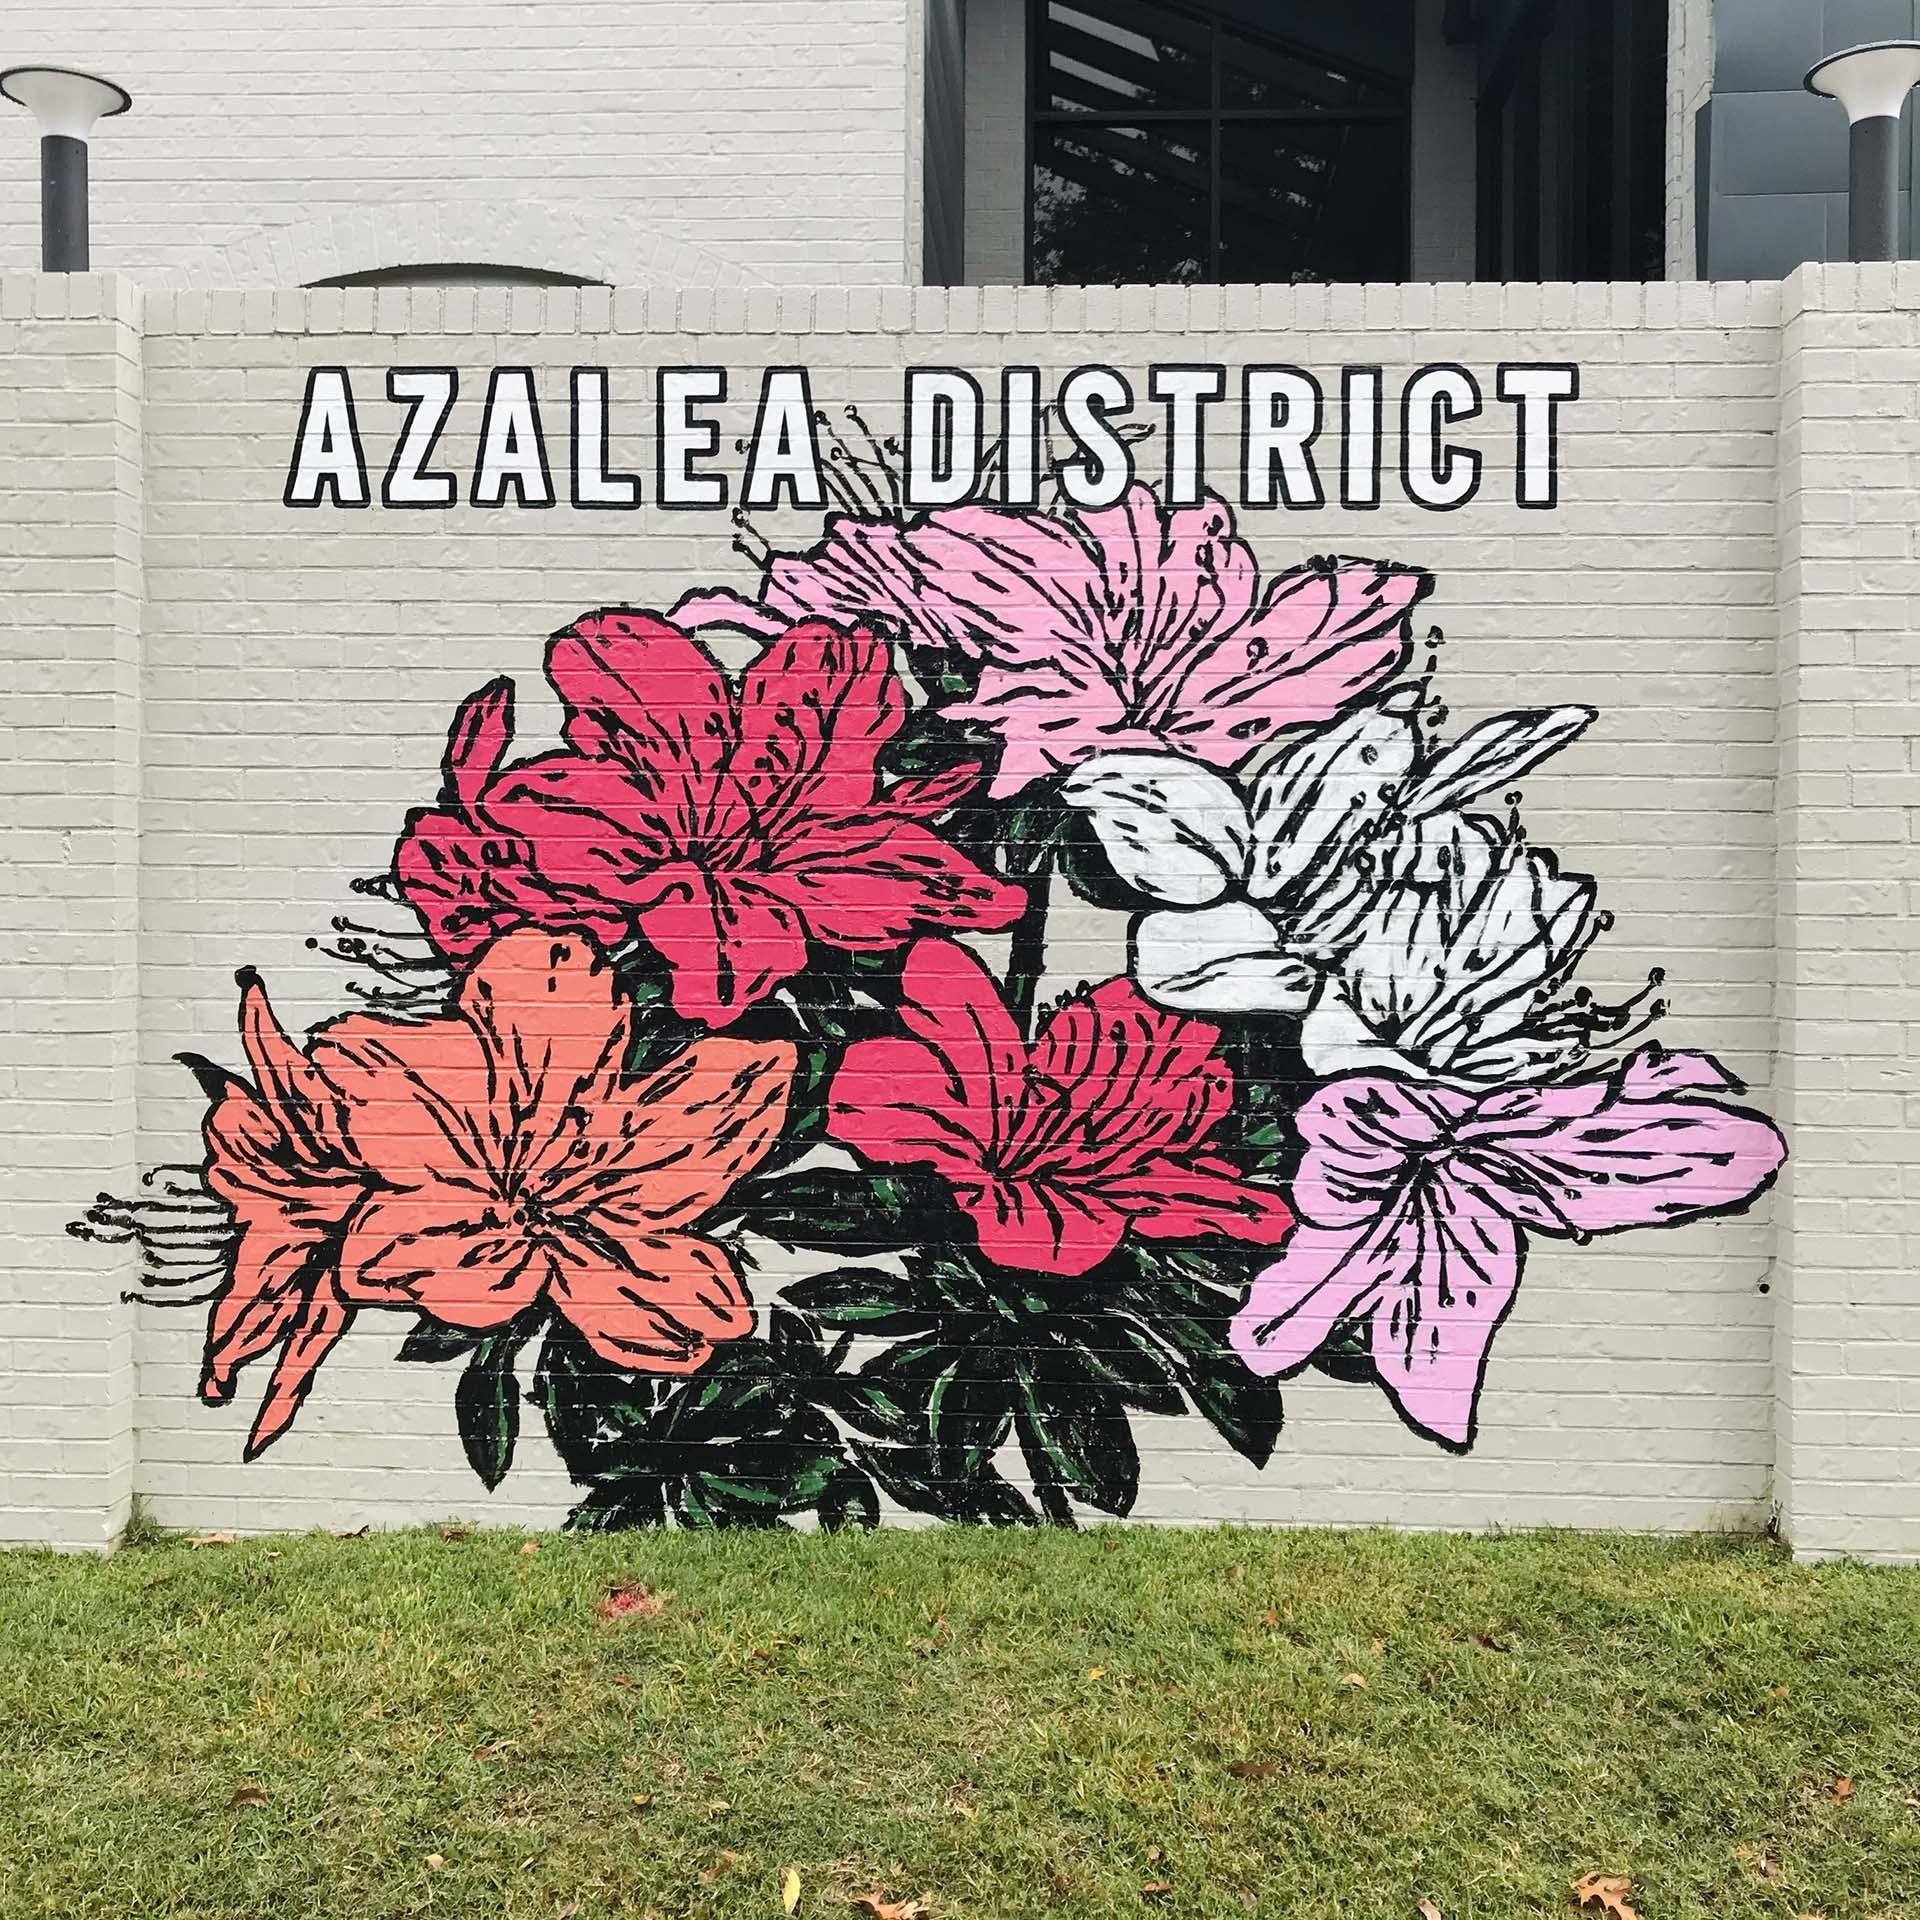 Azaleas - Dace Kidd - Mural Artist Tx